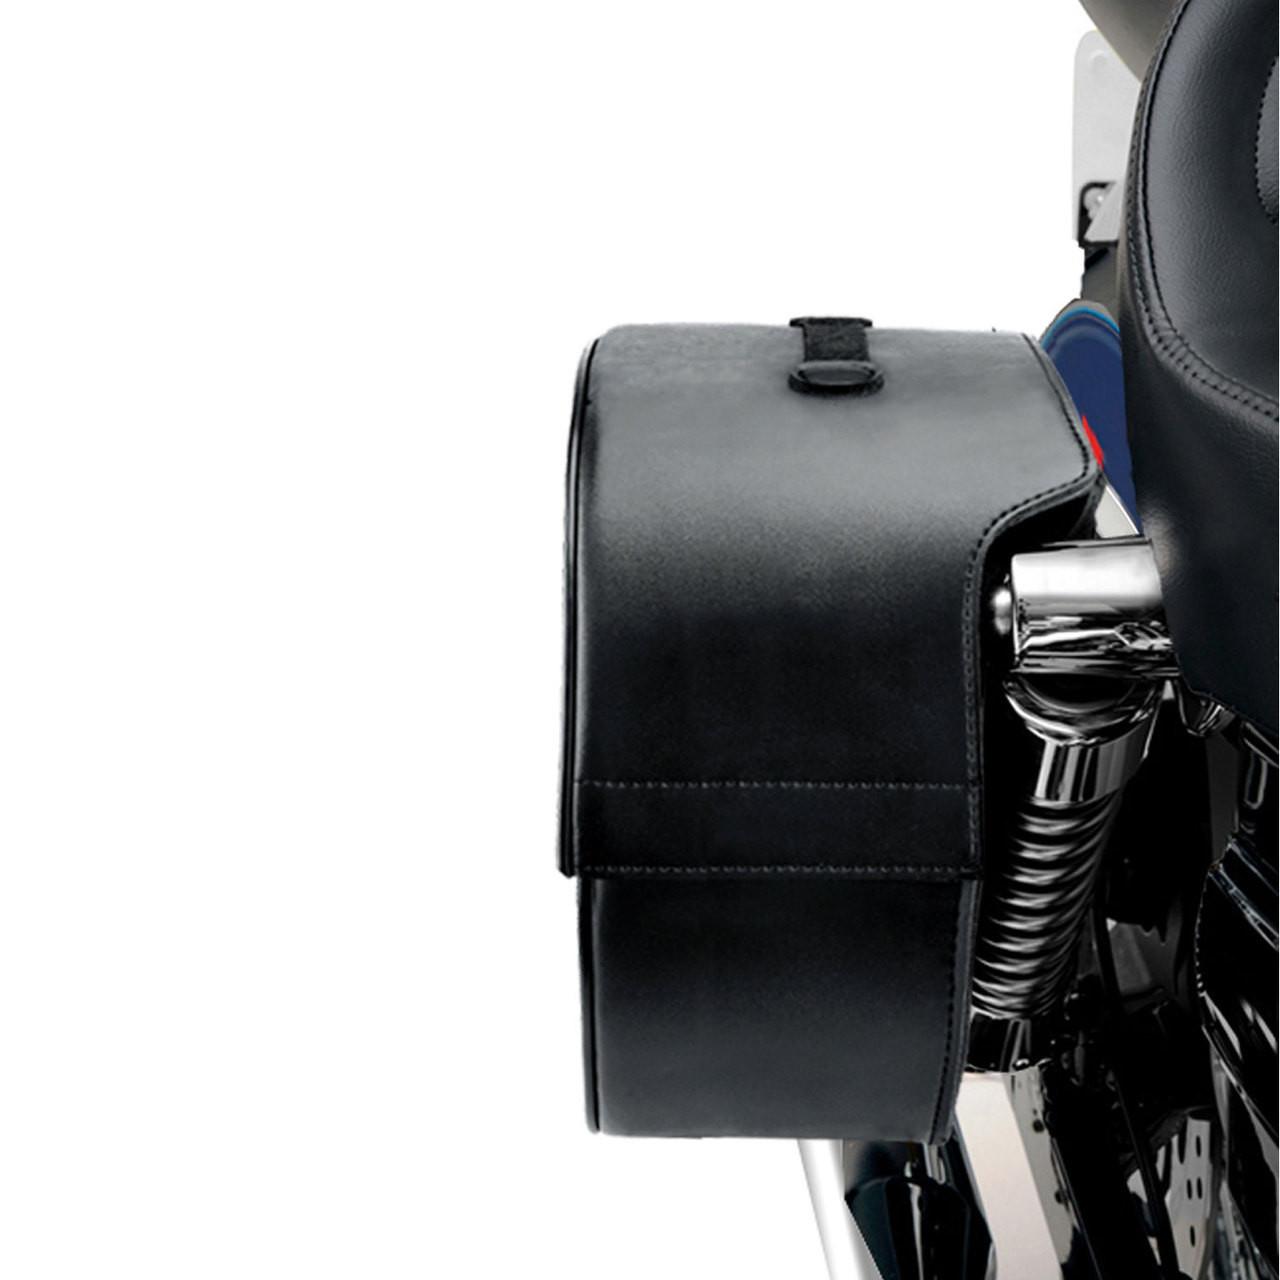 Viking Armor Shock Cutout Motorcycle Saddlebags